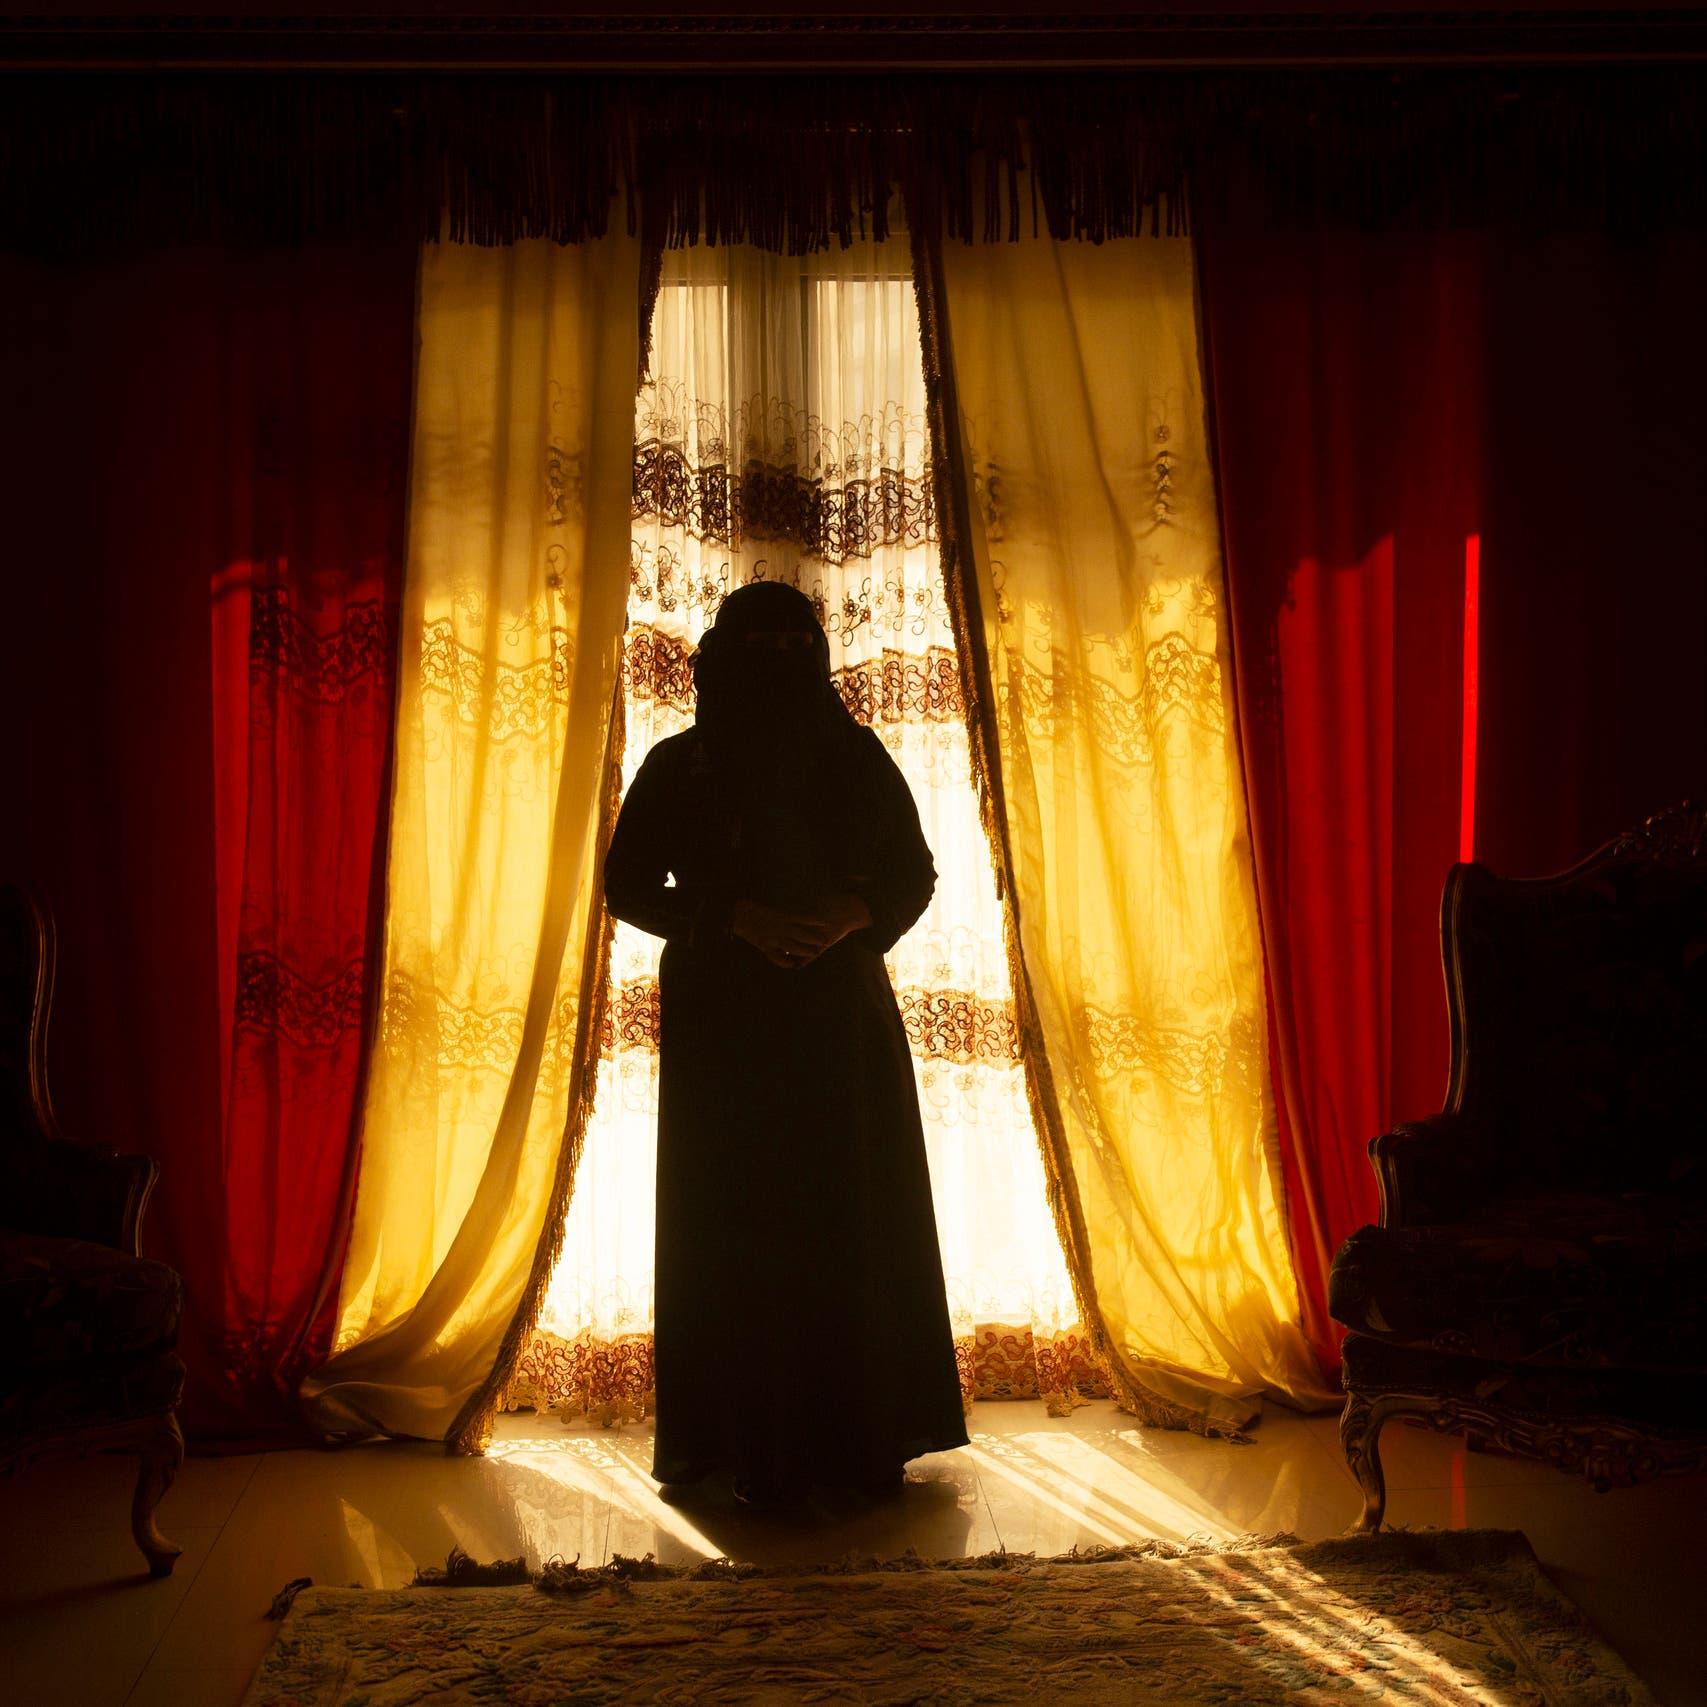 تقرير حقوقي: الحوثيون اختطفوا 1181 امرأة خلال 3 سنوات